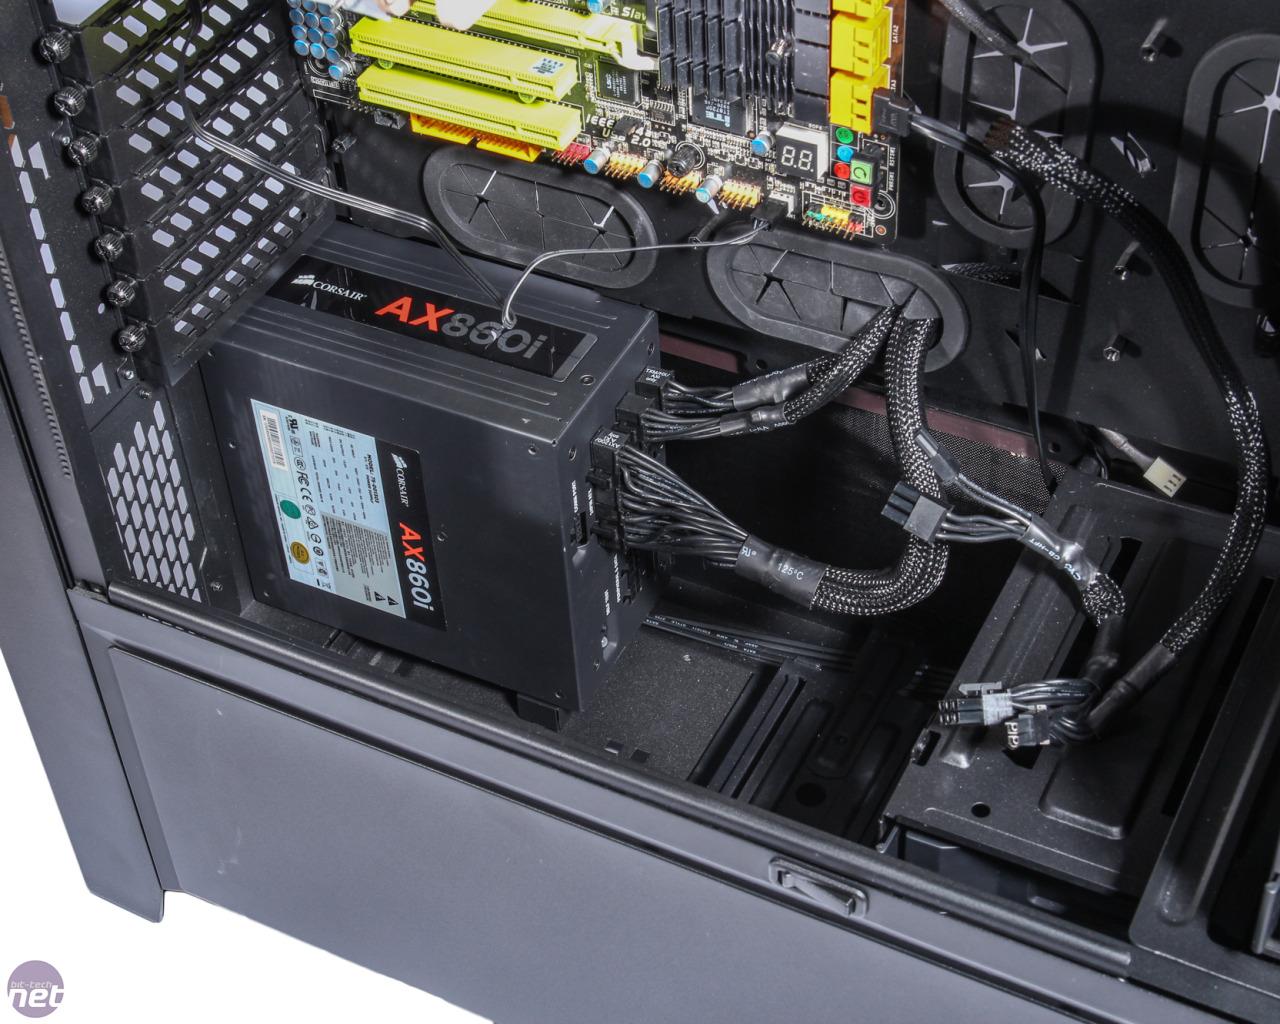 Corsair Obsidian 900d Review Bit Tech Net